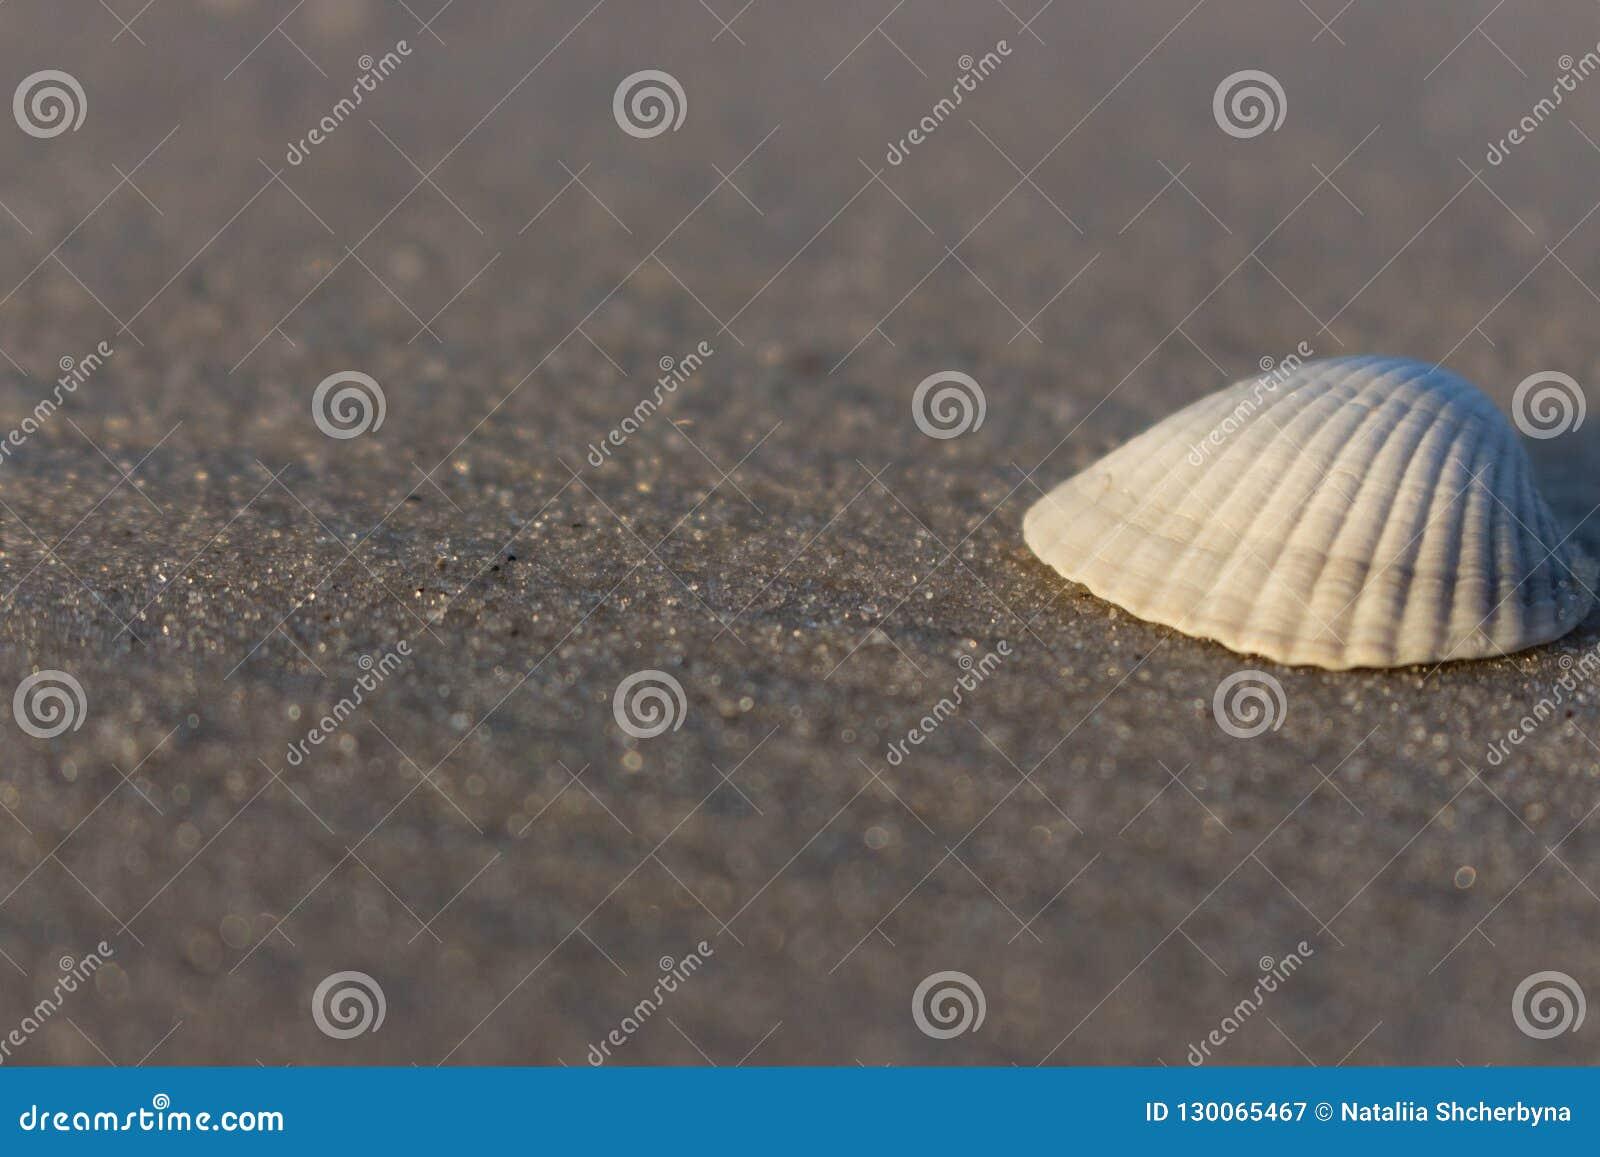 Concha marina blanca en cierre aislado arena blanca para arriba Shell en el mar vara Concepto de las cáscaras Playa vacía con las